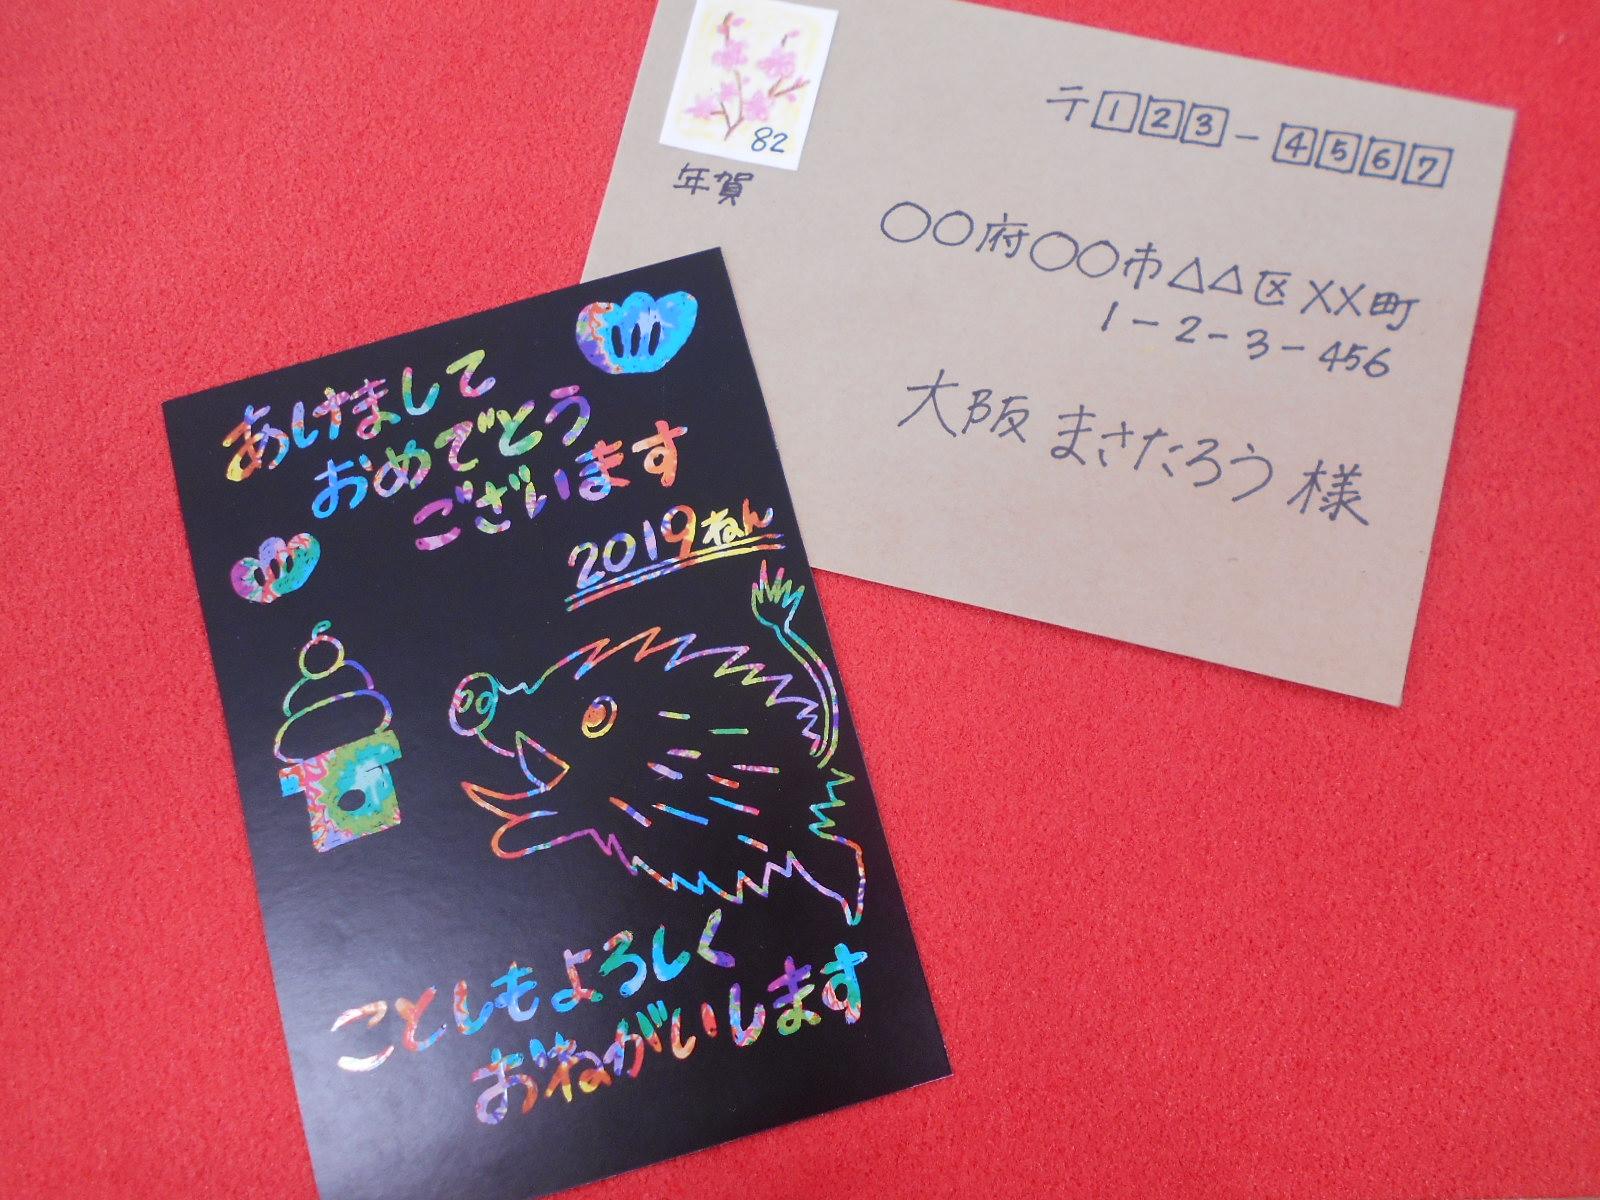 新年のお手紙を書こう!